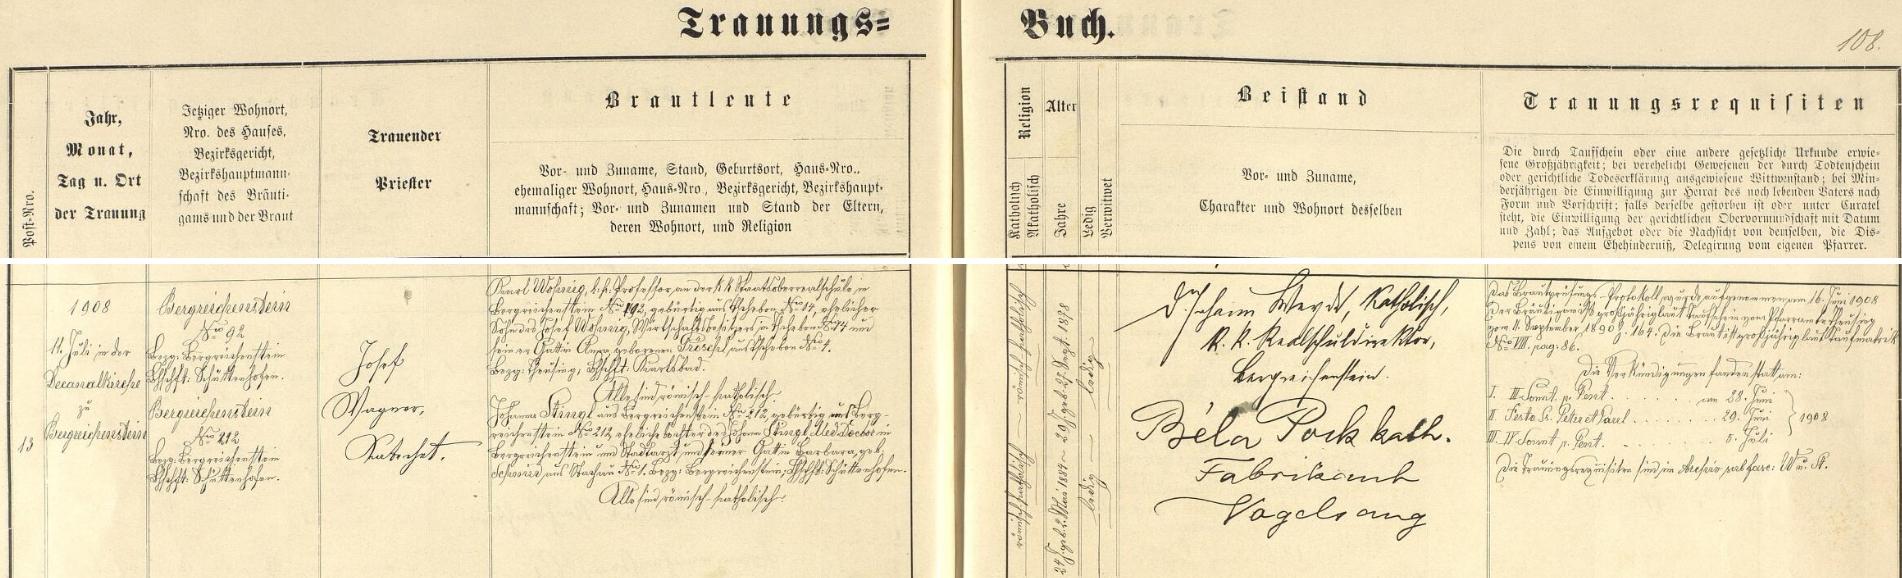 Záznam kašperskohorské oddací matriky o jeho zdejší svatbě